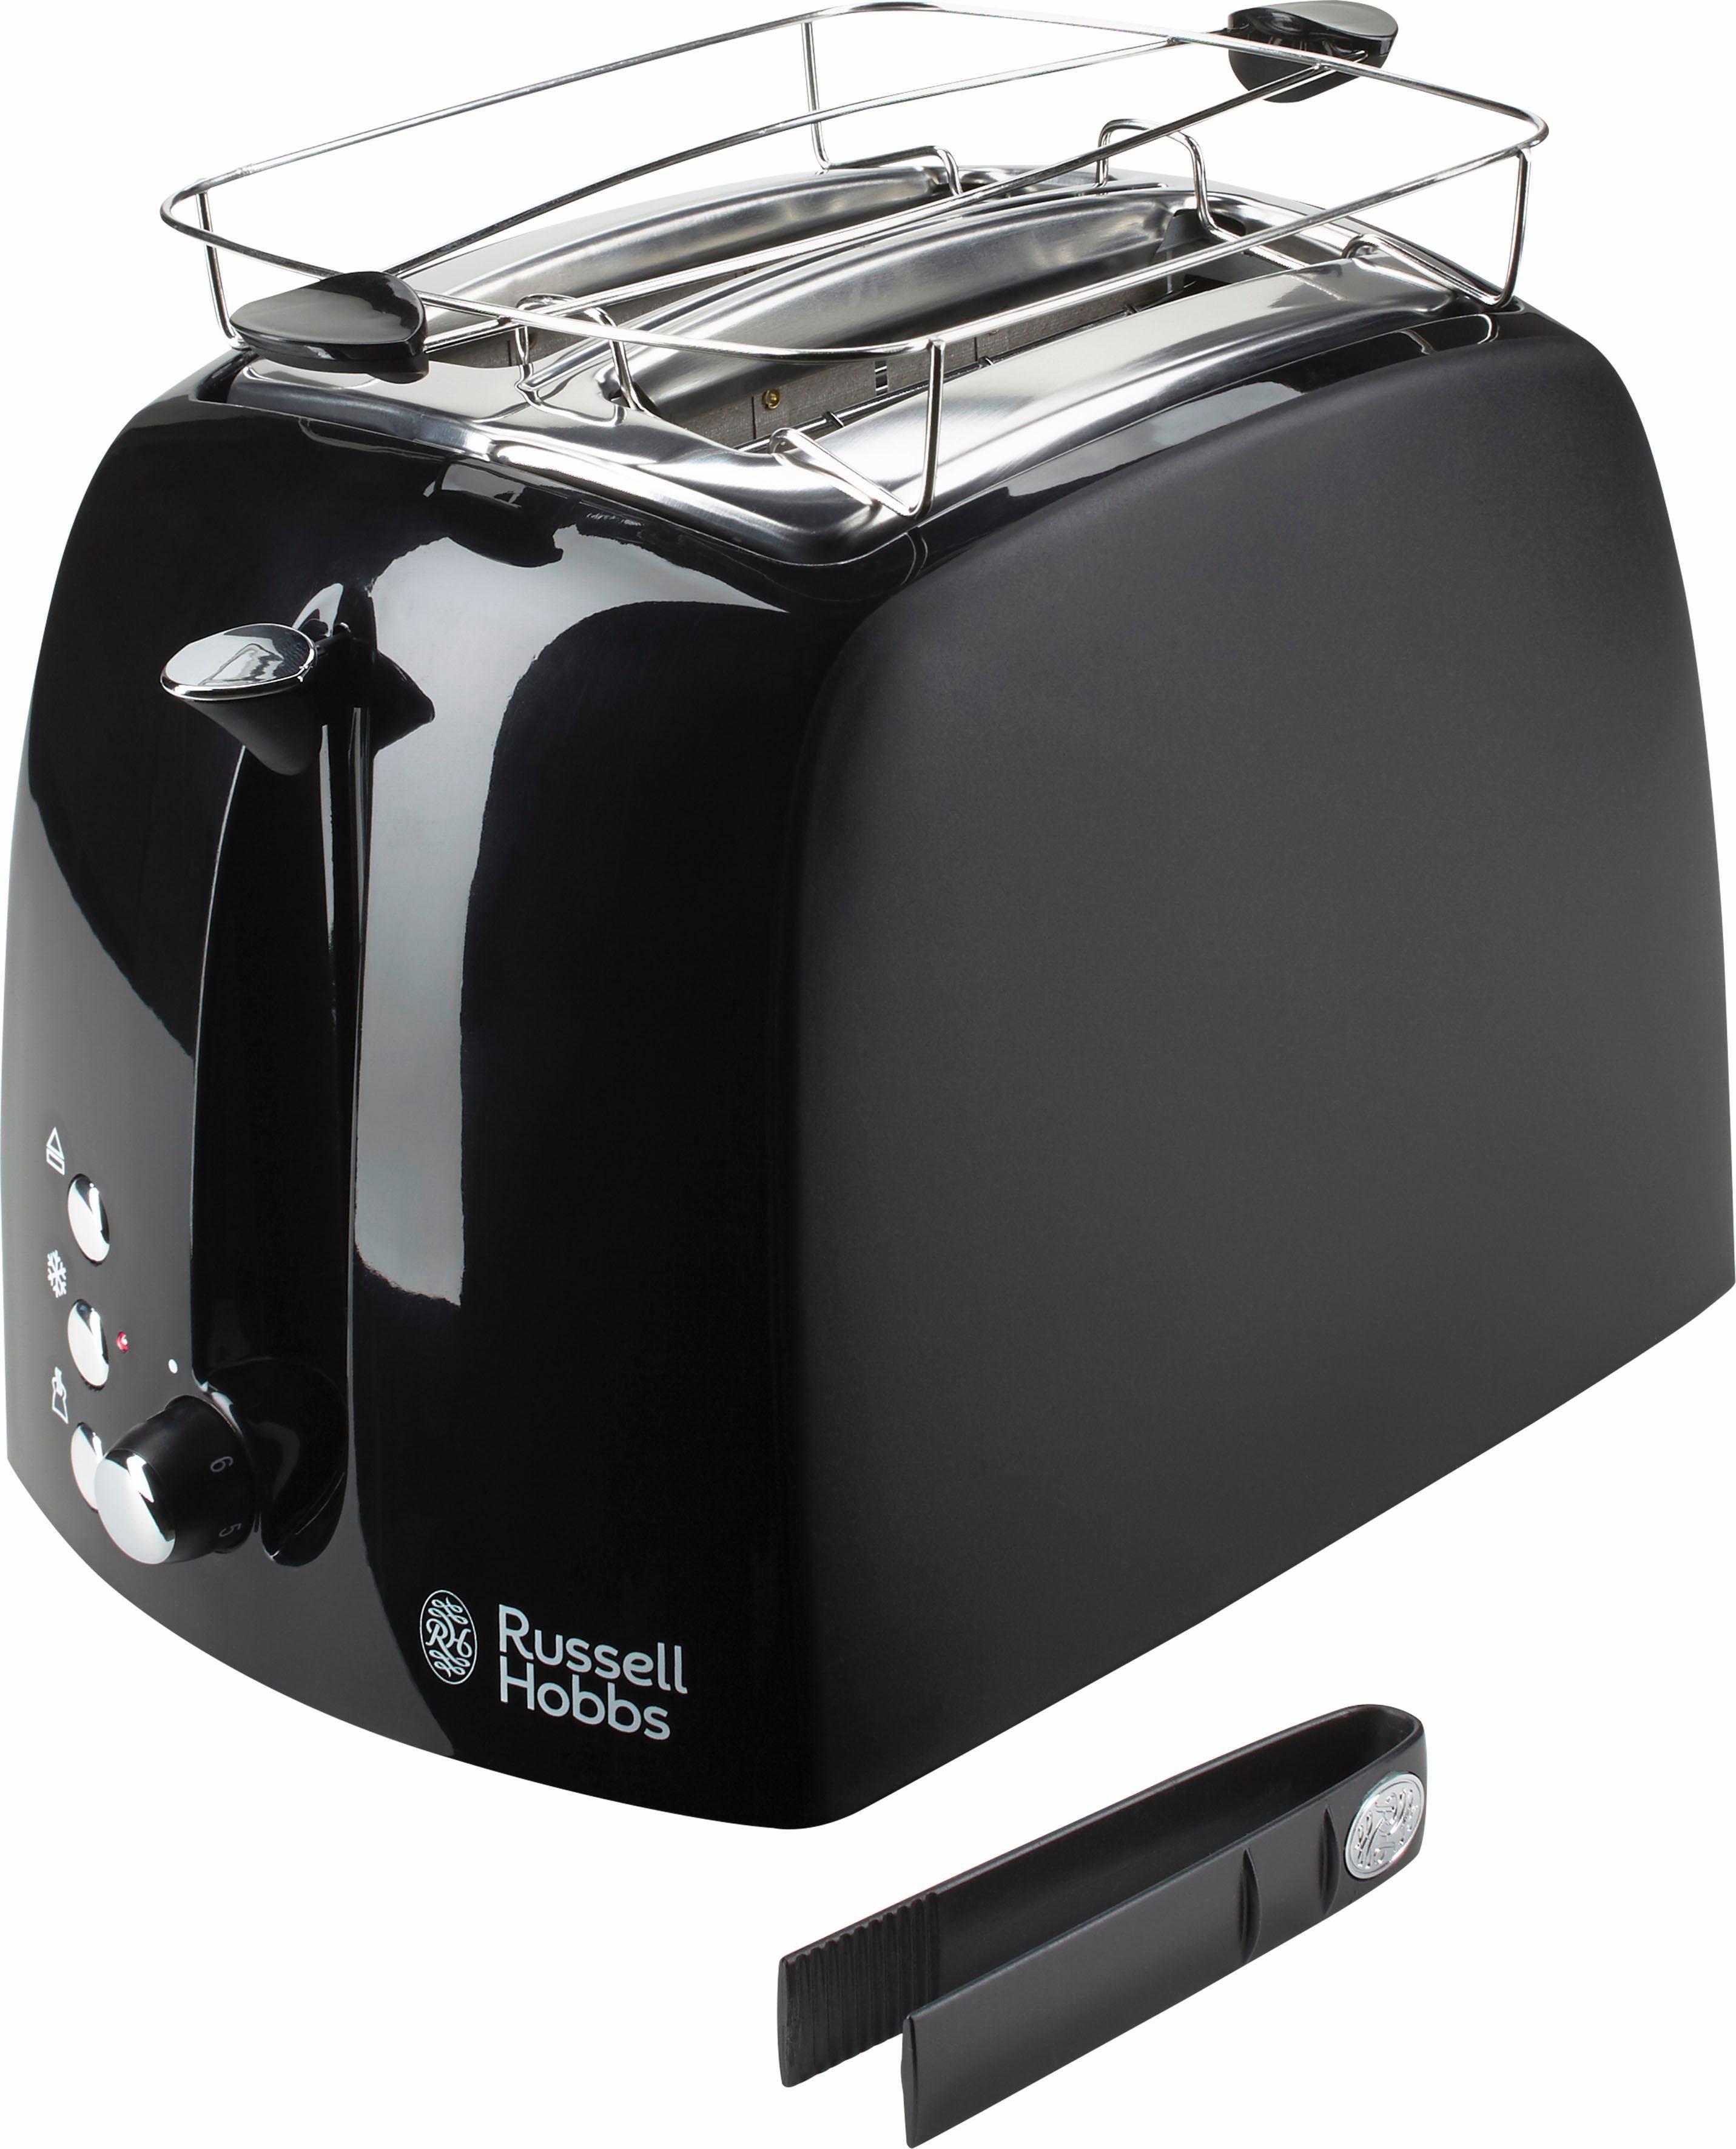 Russell Hobbs Toaster Textures Plus 22601-56 für 2 Scheiben, 850 Watt, schwarz